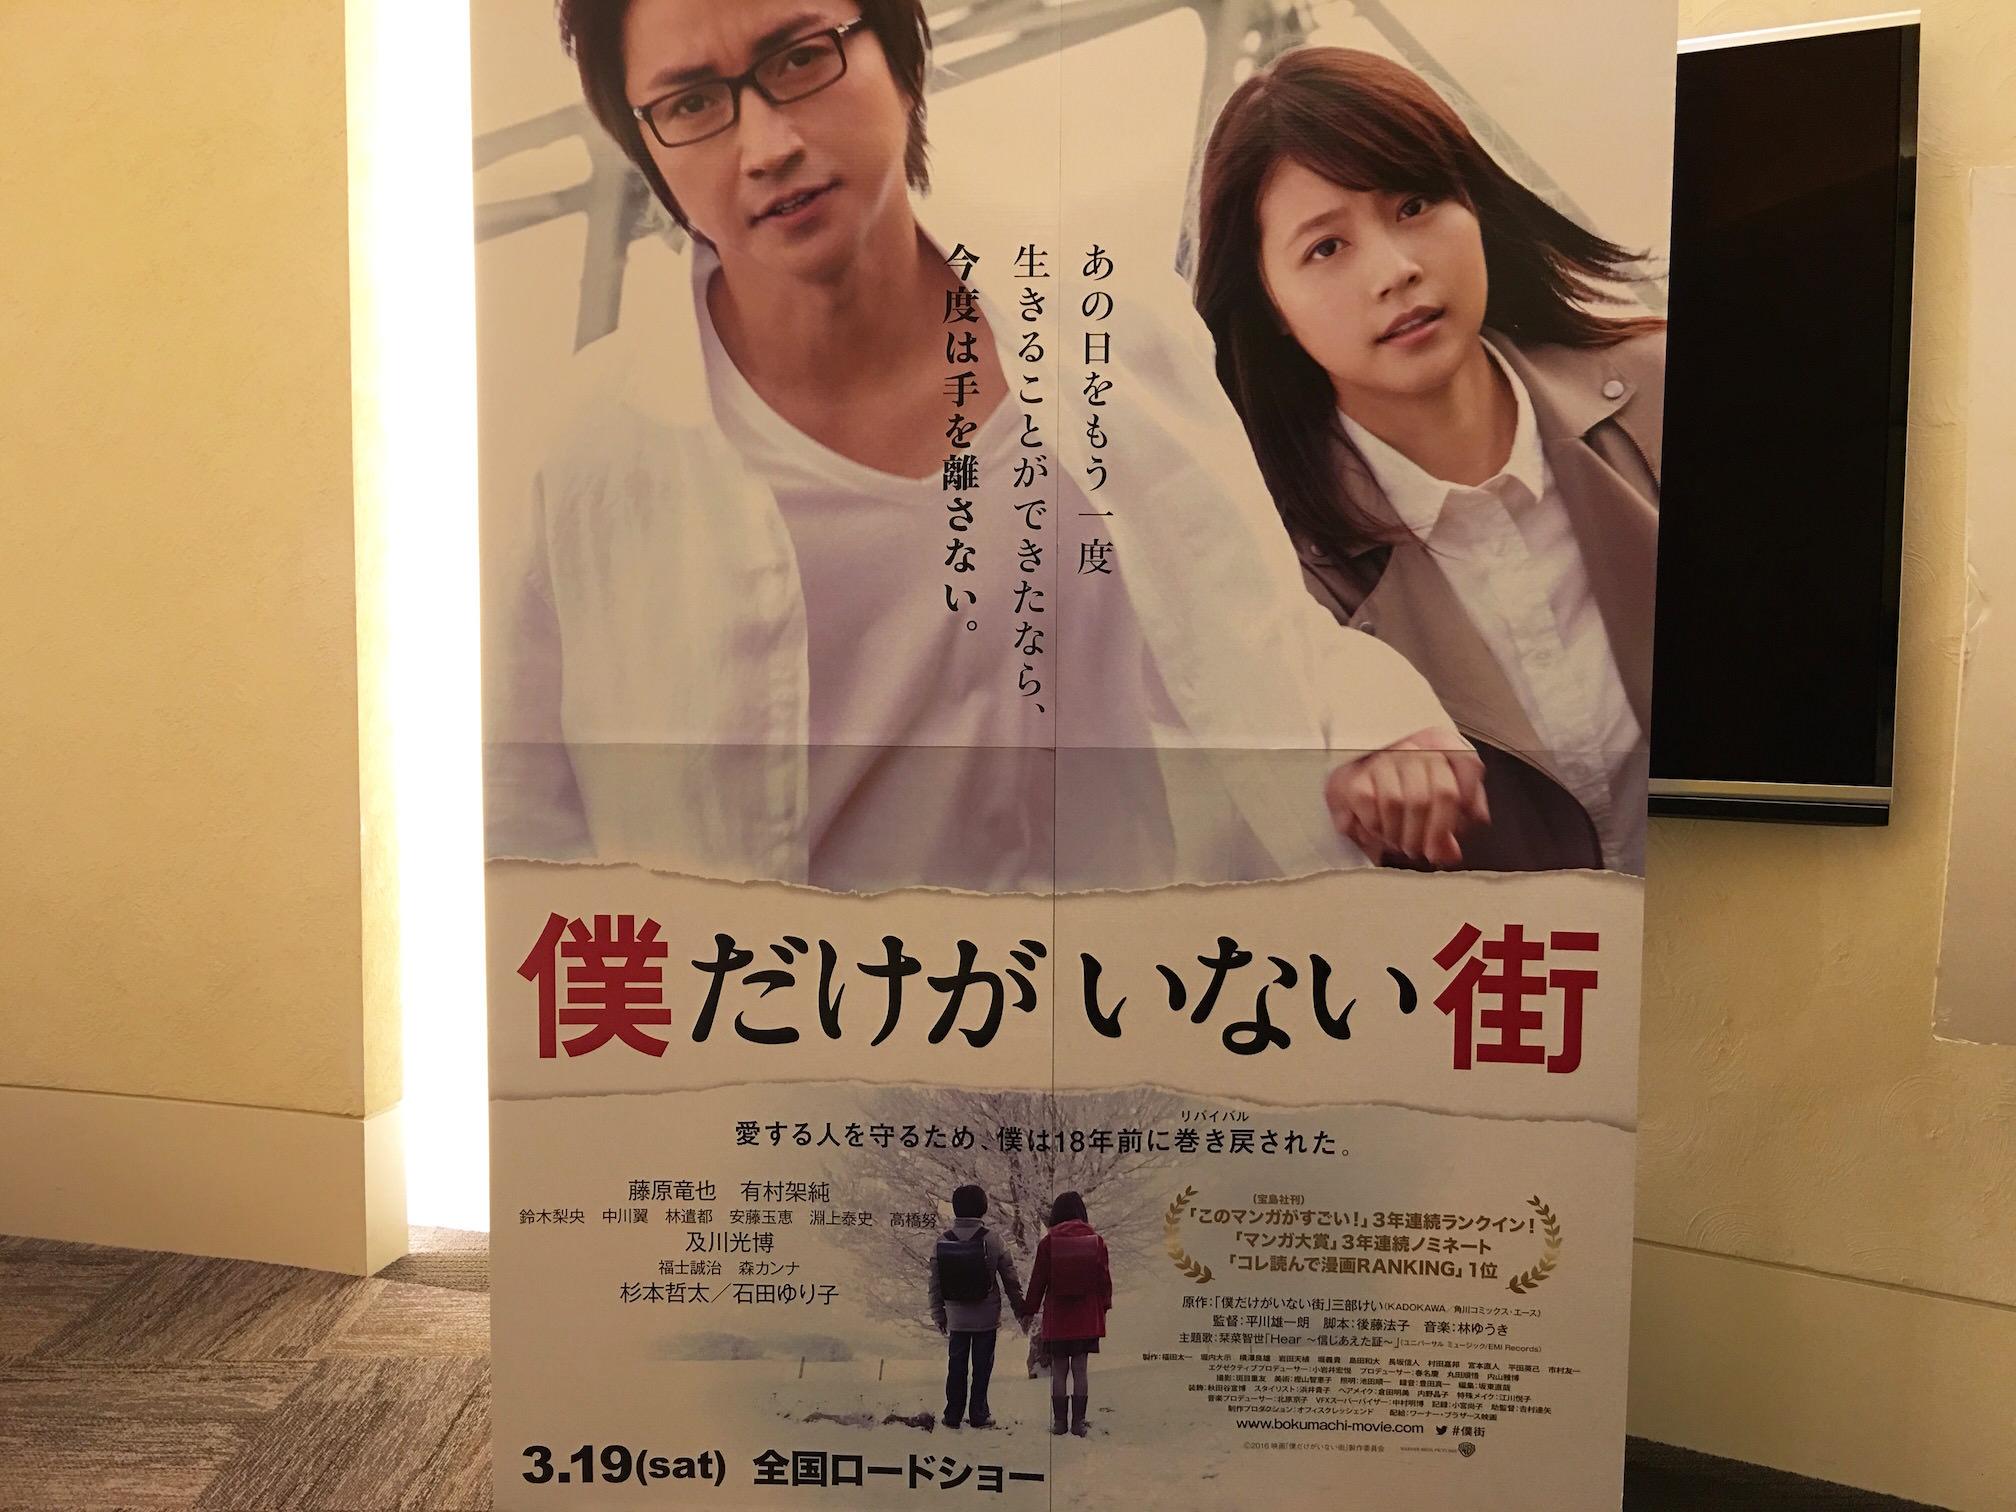 Bokumachi movie impression